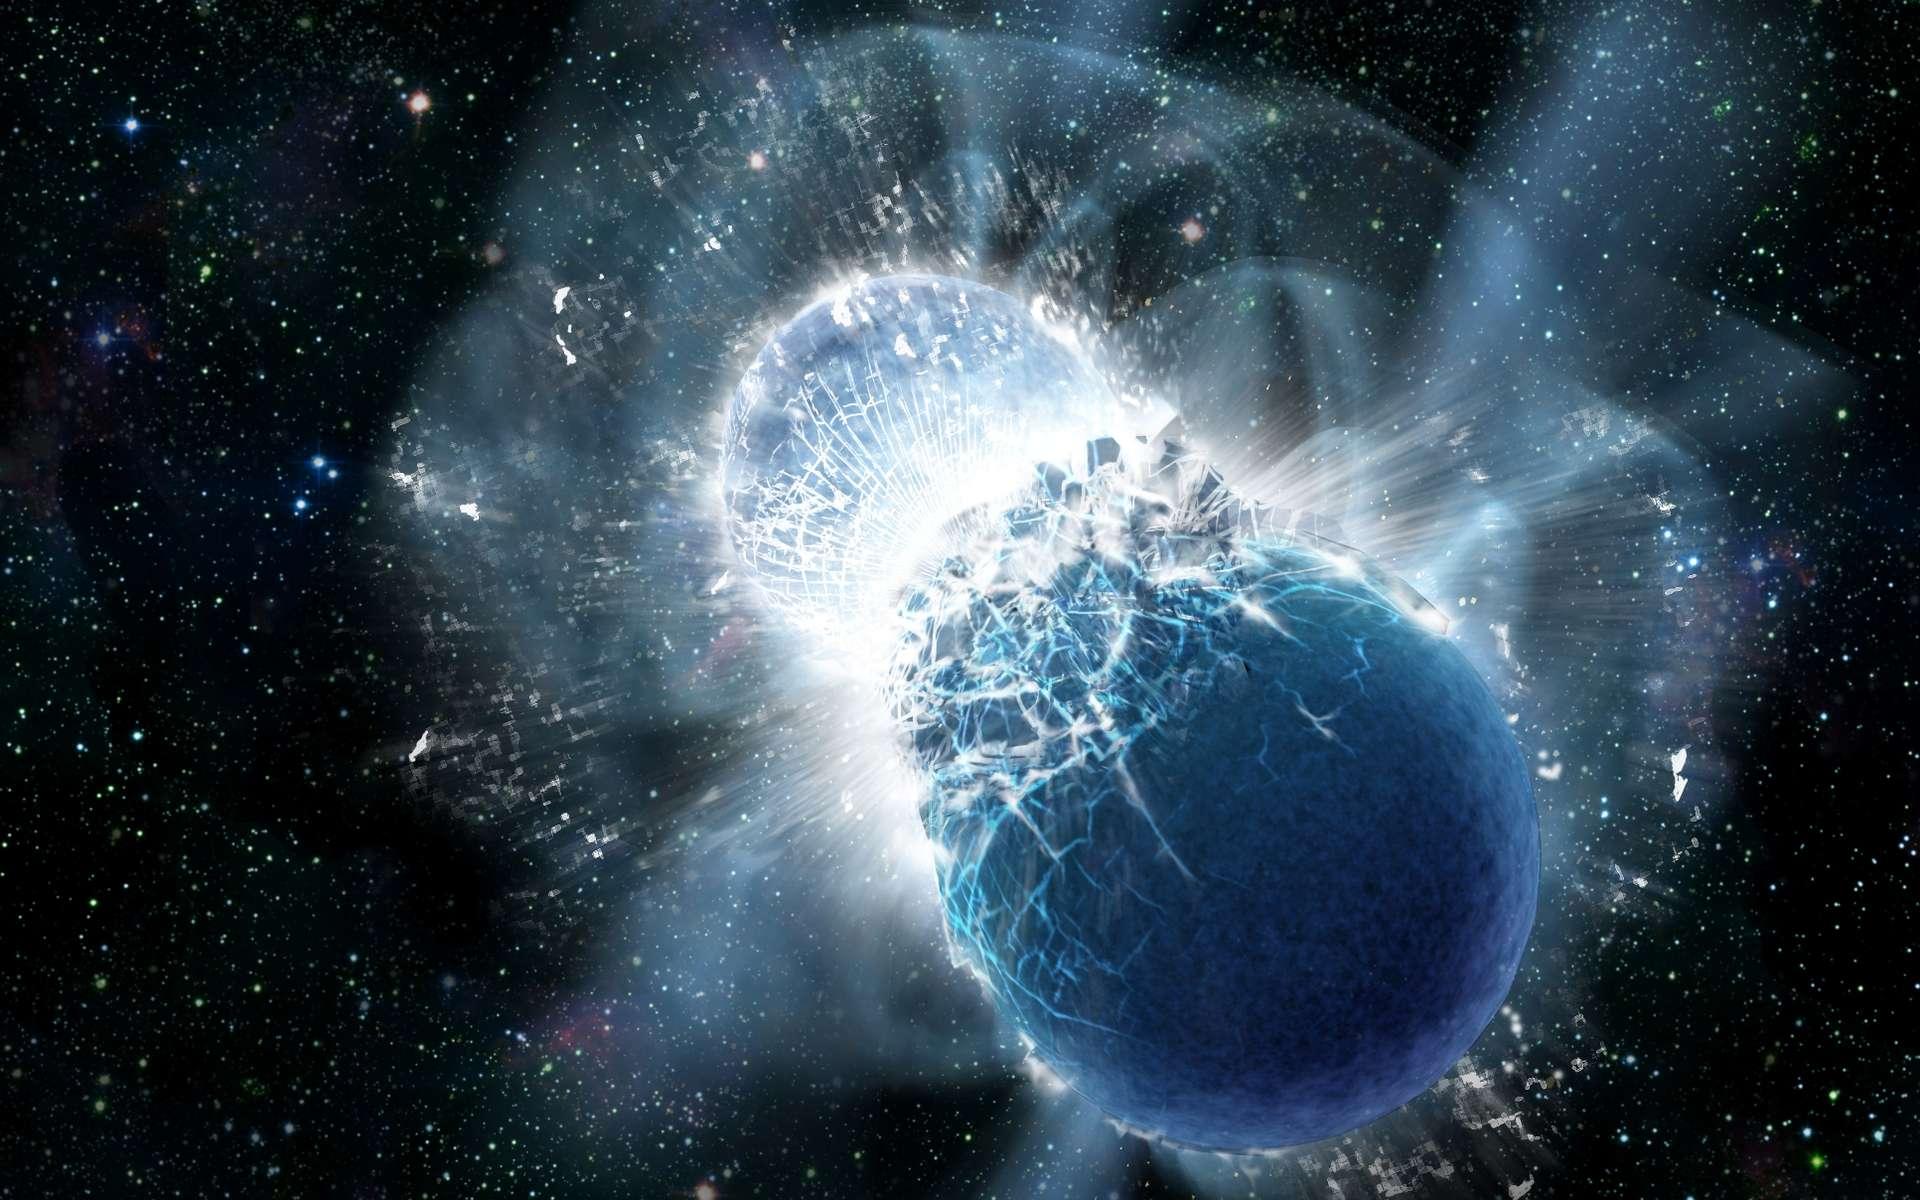 Une vue d'artiste de la collision de deux étoiles à neutrons. © Dana Berry, SkyWorks Digital